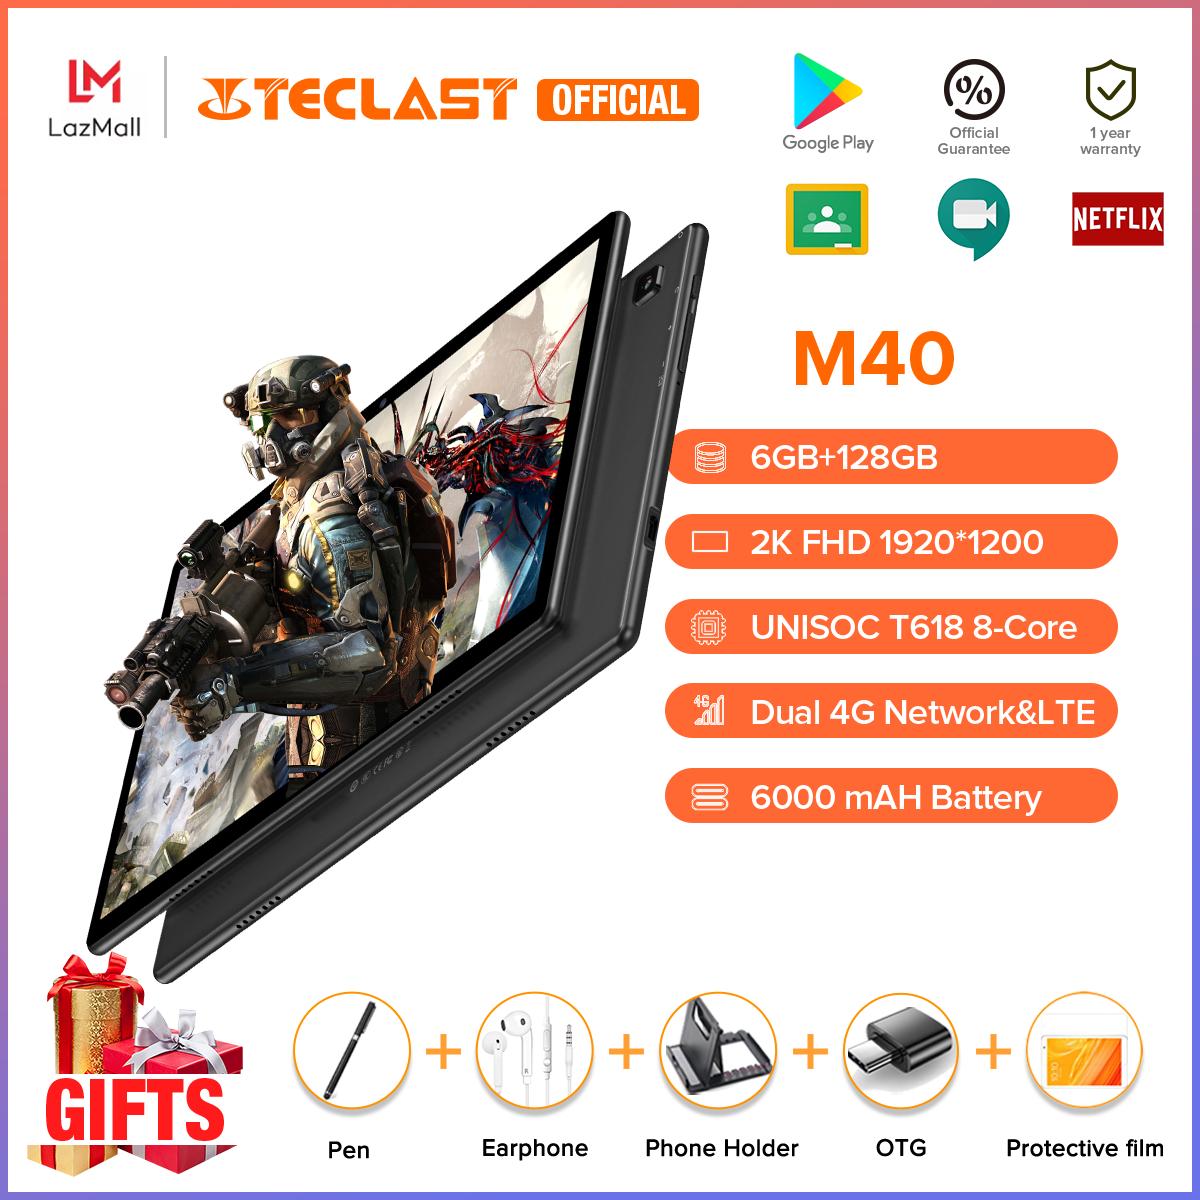 Hàng Mới Về   Máy Tính Bảng TECLAST M40 Mới Hệ Điều Hành Andoid 10.0 6GB RAM 128GB ROM 10.1 inch Camera Kép 8MP Có Thể Dùng 4G Bluetooth 5.0 UNISOC T618 Octa Core